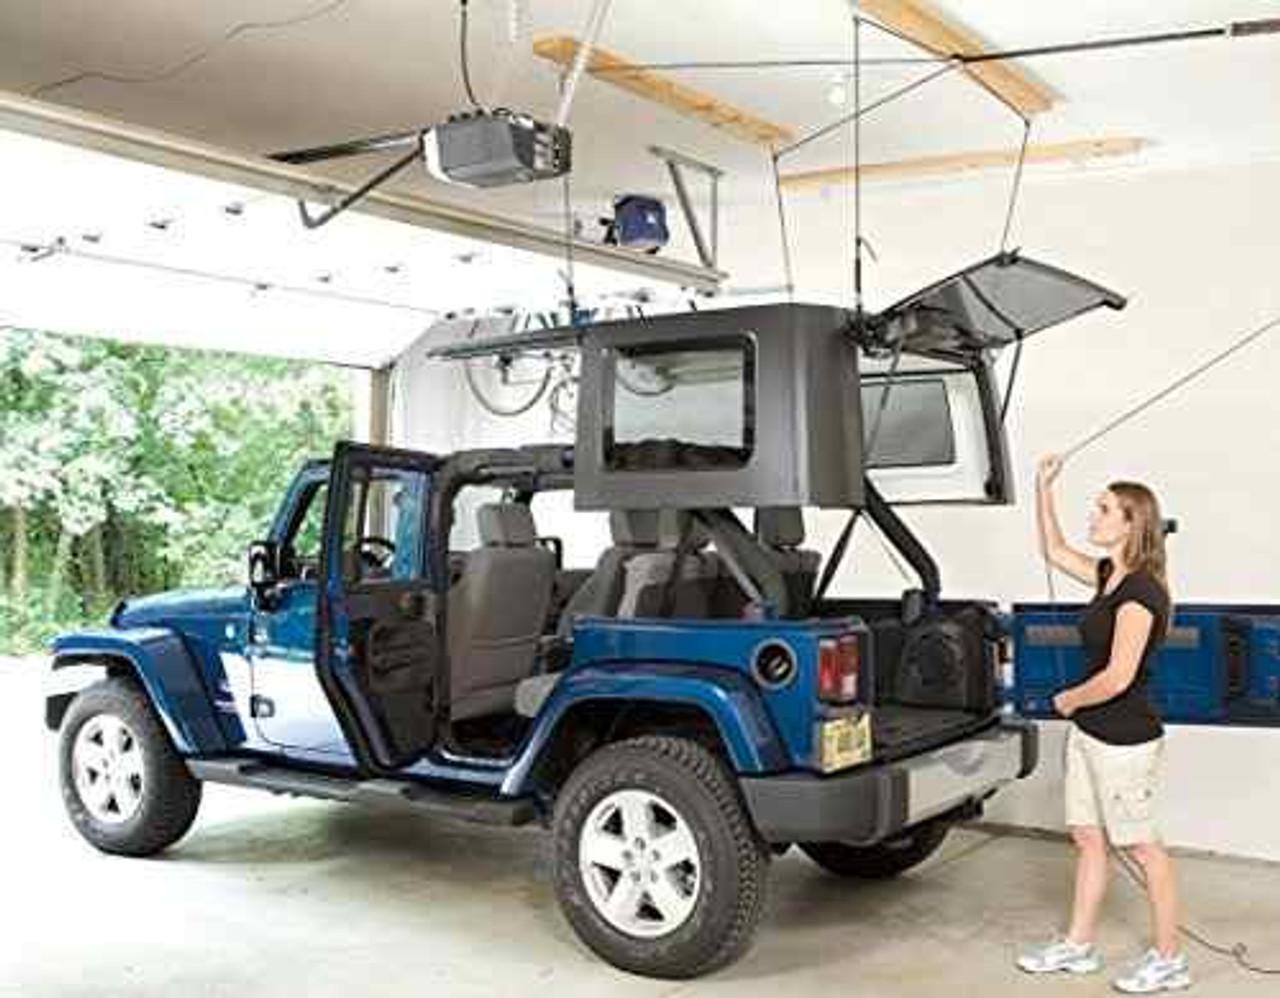 Jeep Hard Top Ceiling Hoist   4-Point Garage Lift Storage System